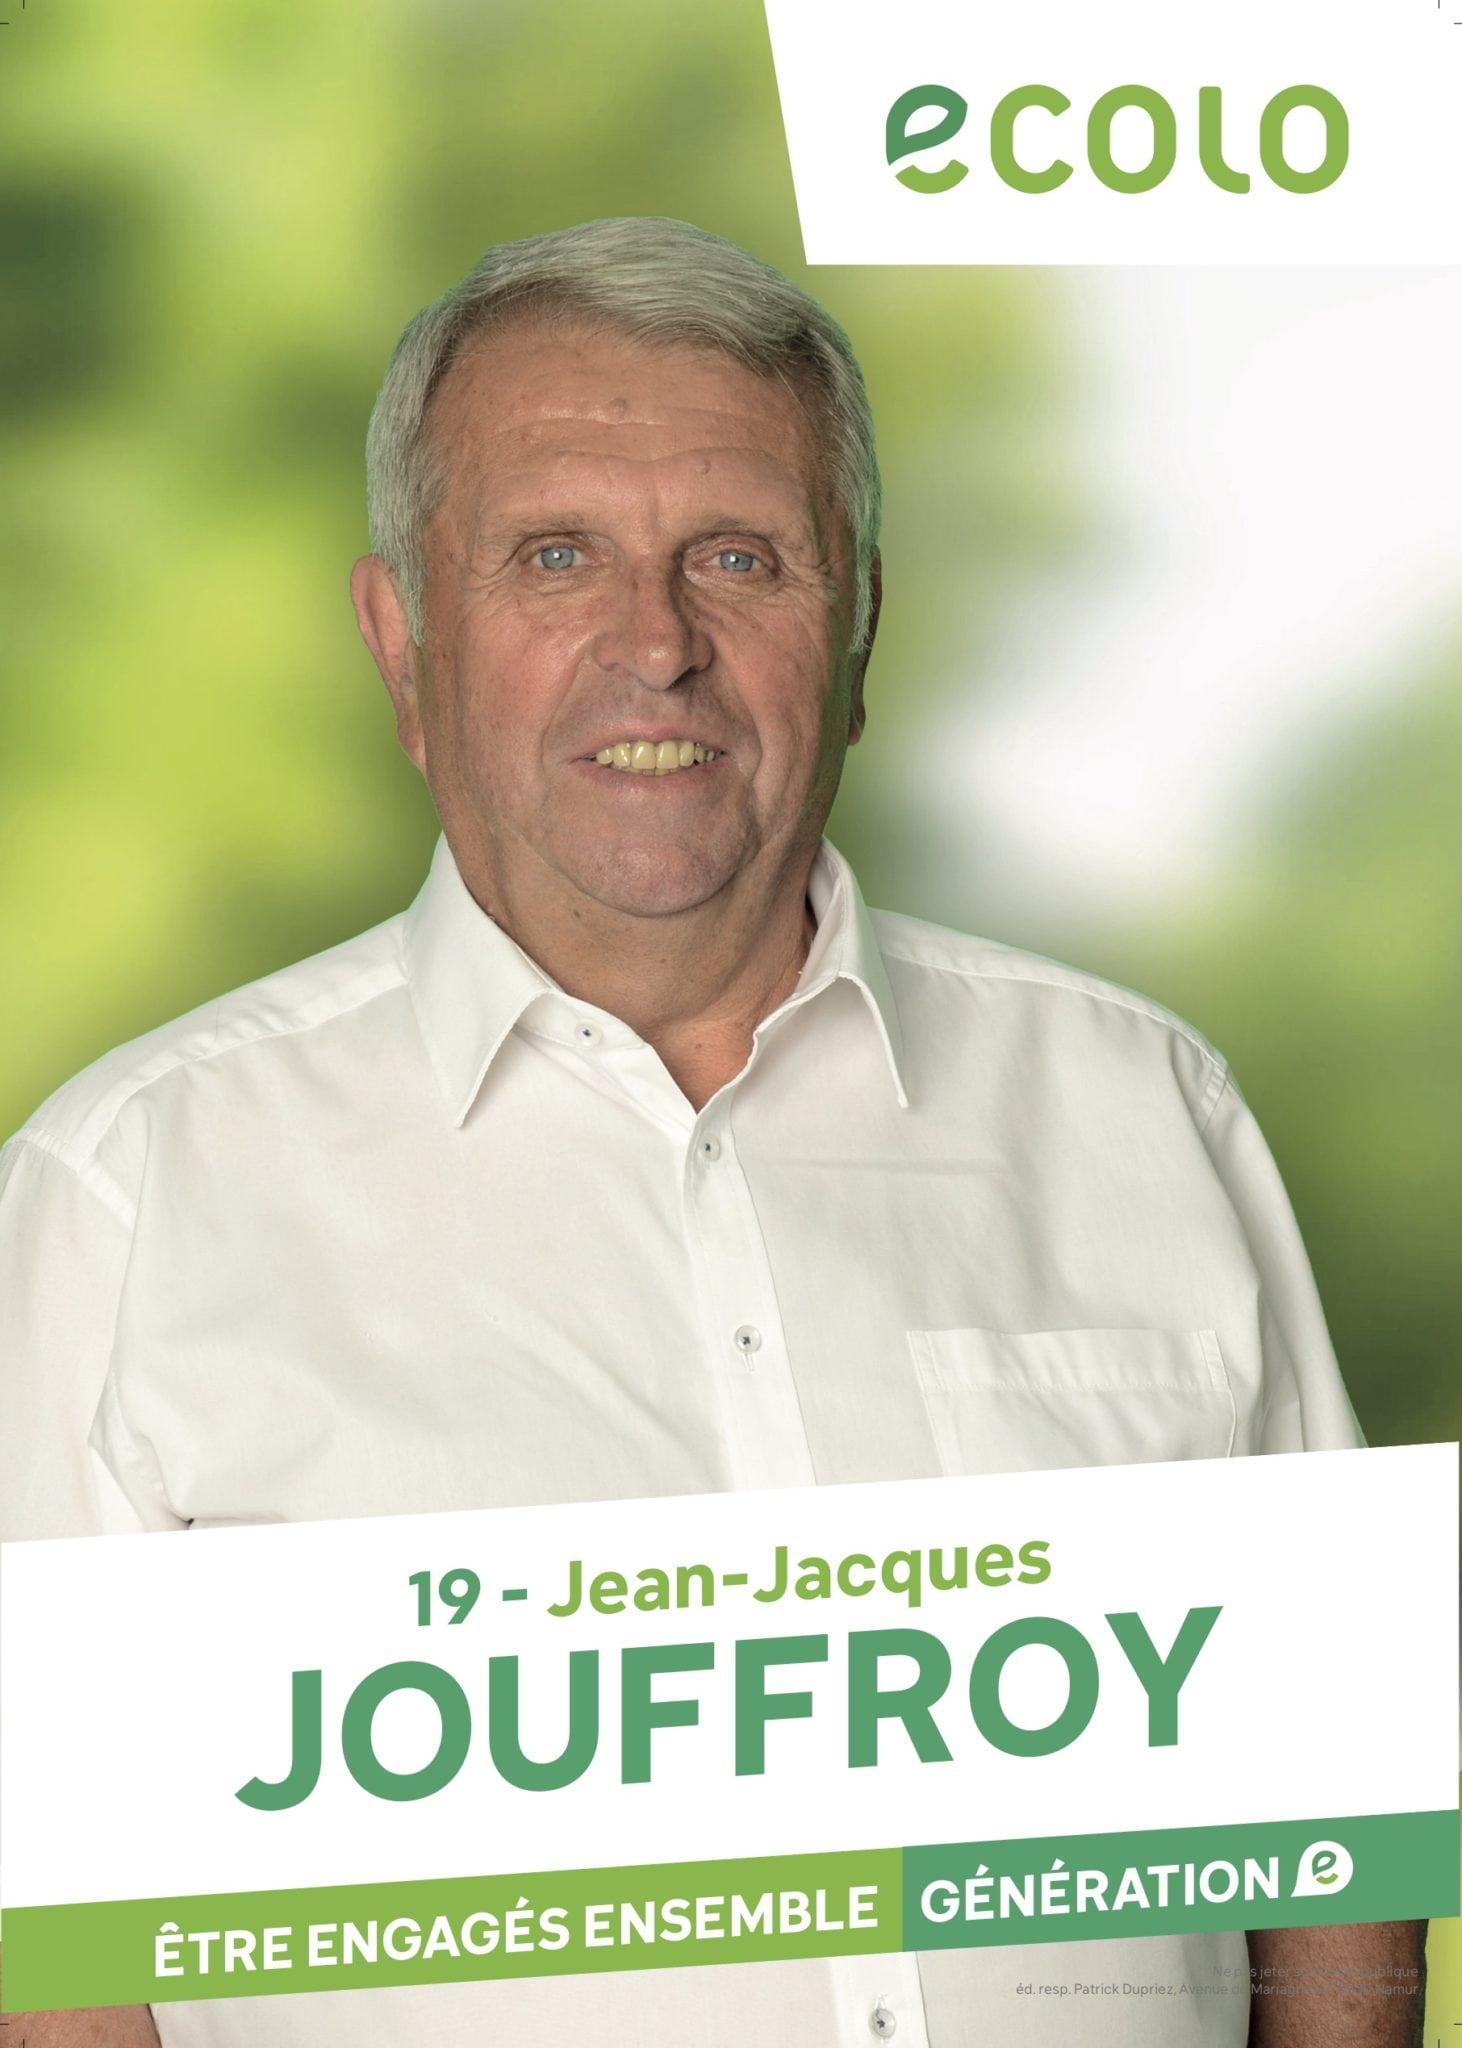 Jean-Jacques Jouffroy